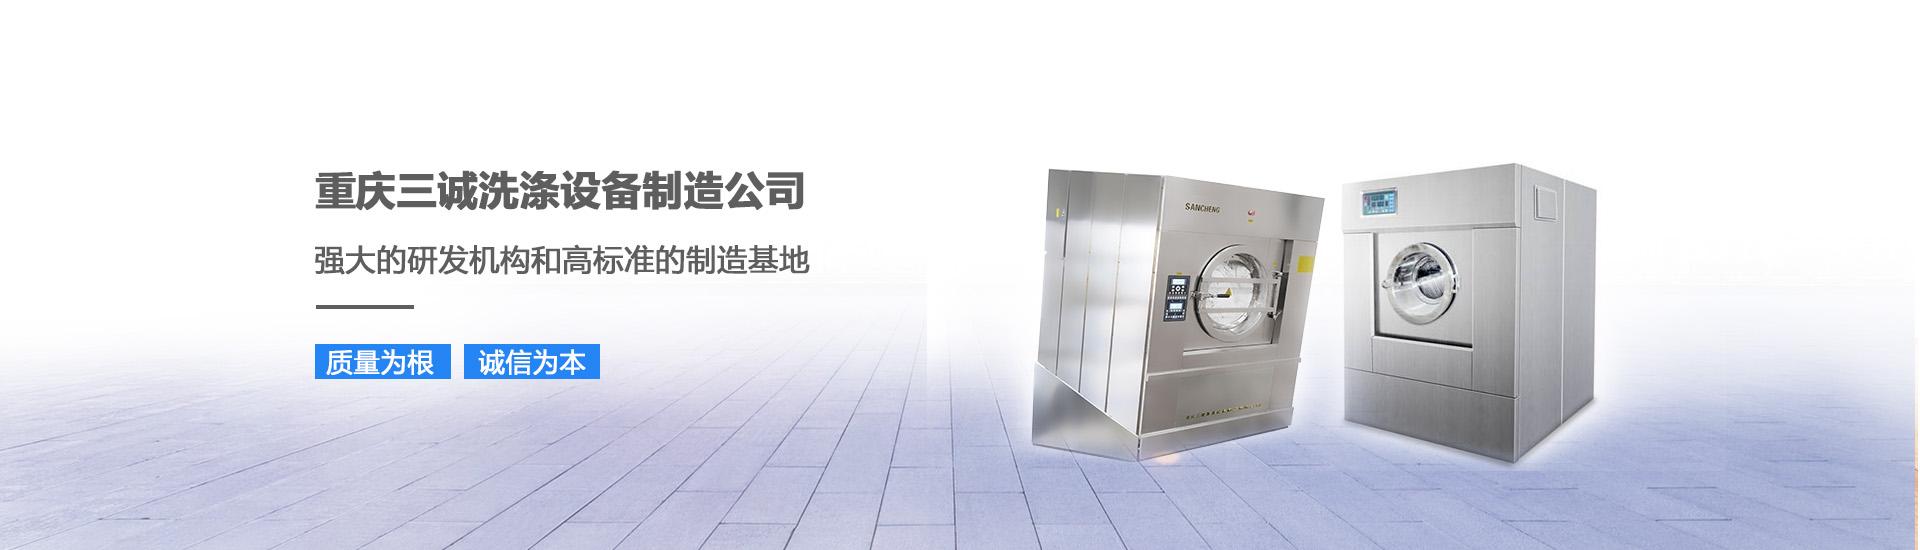 重庆洗涤设备